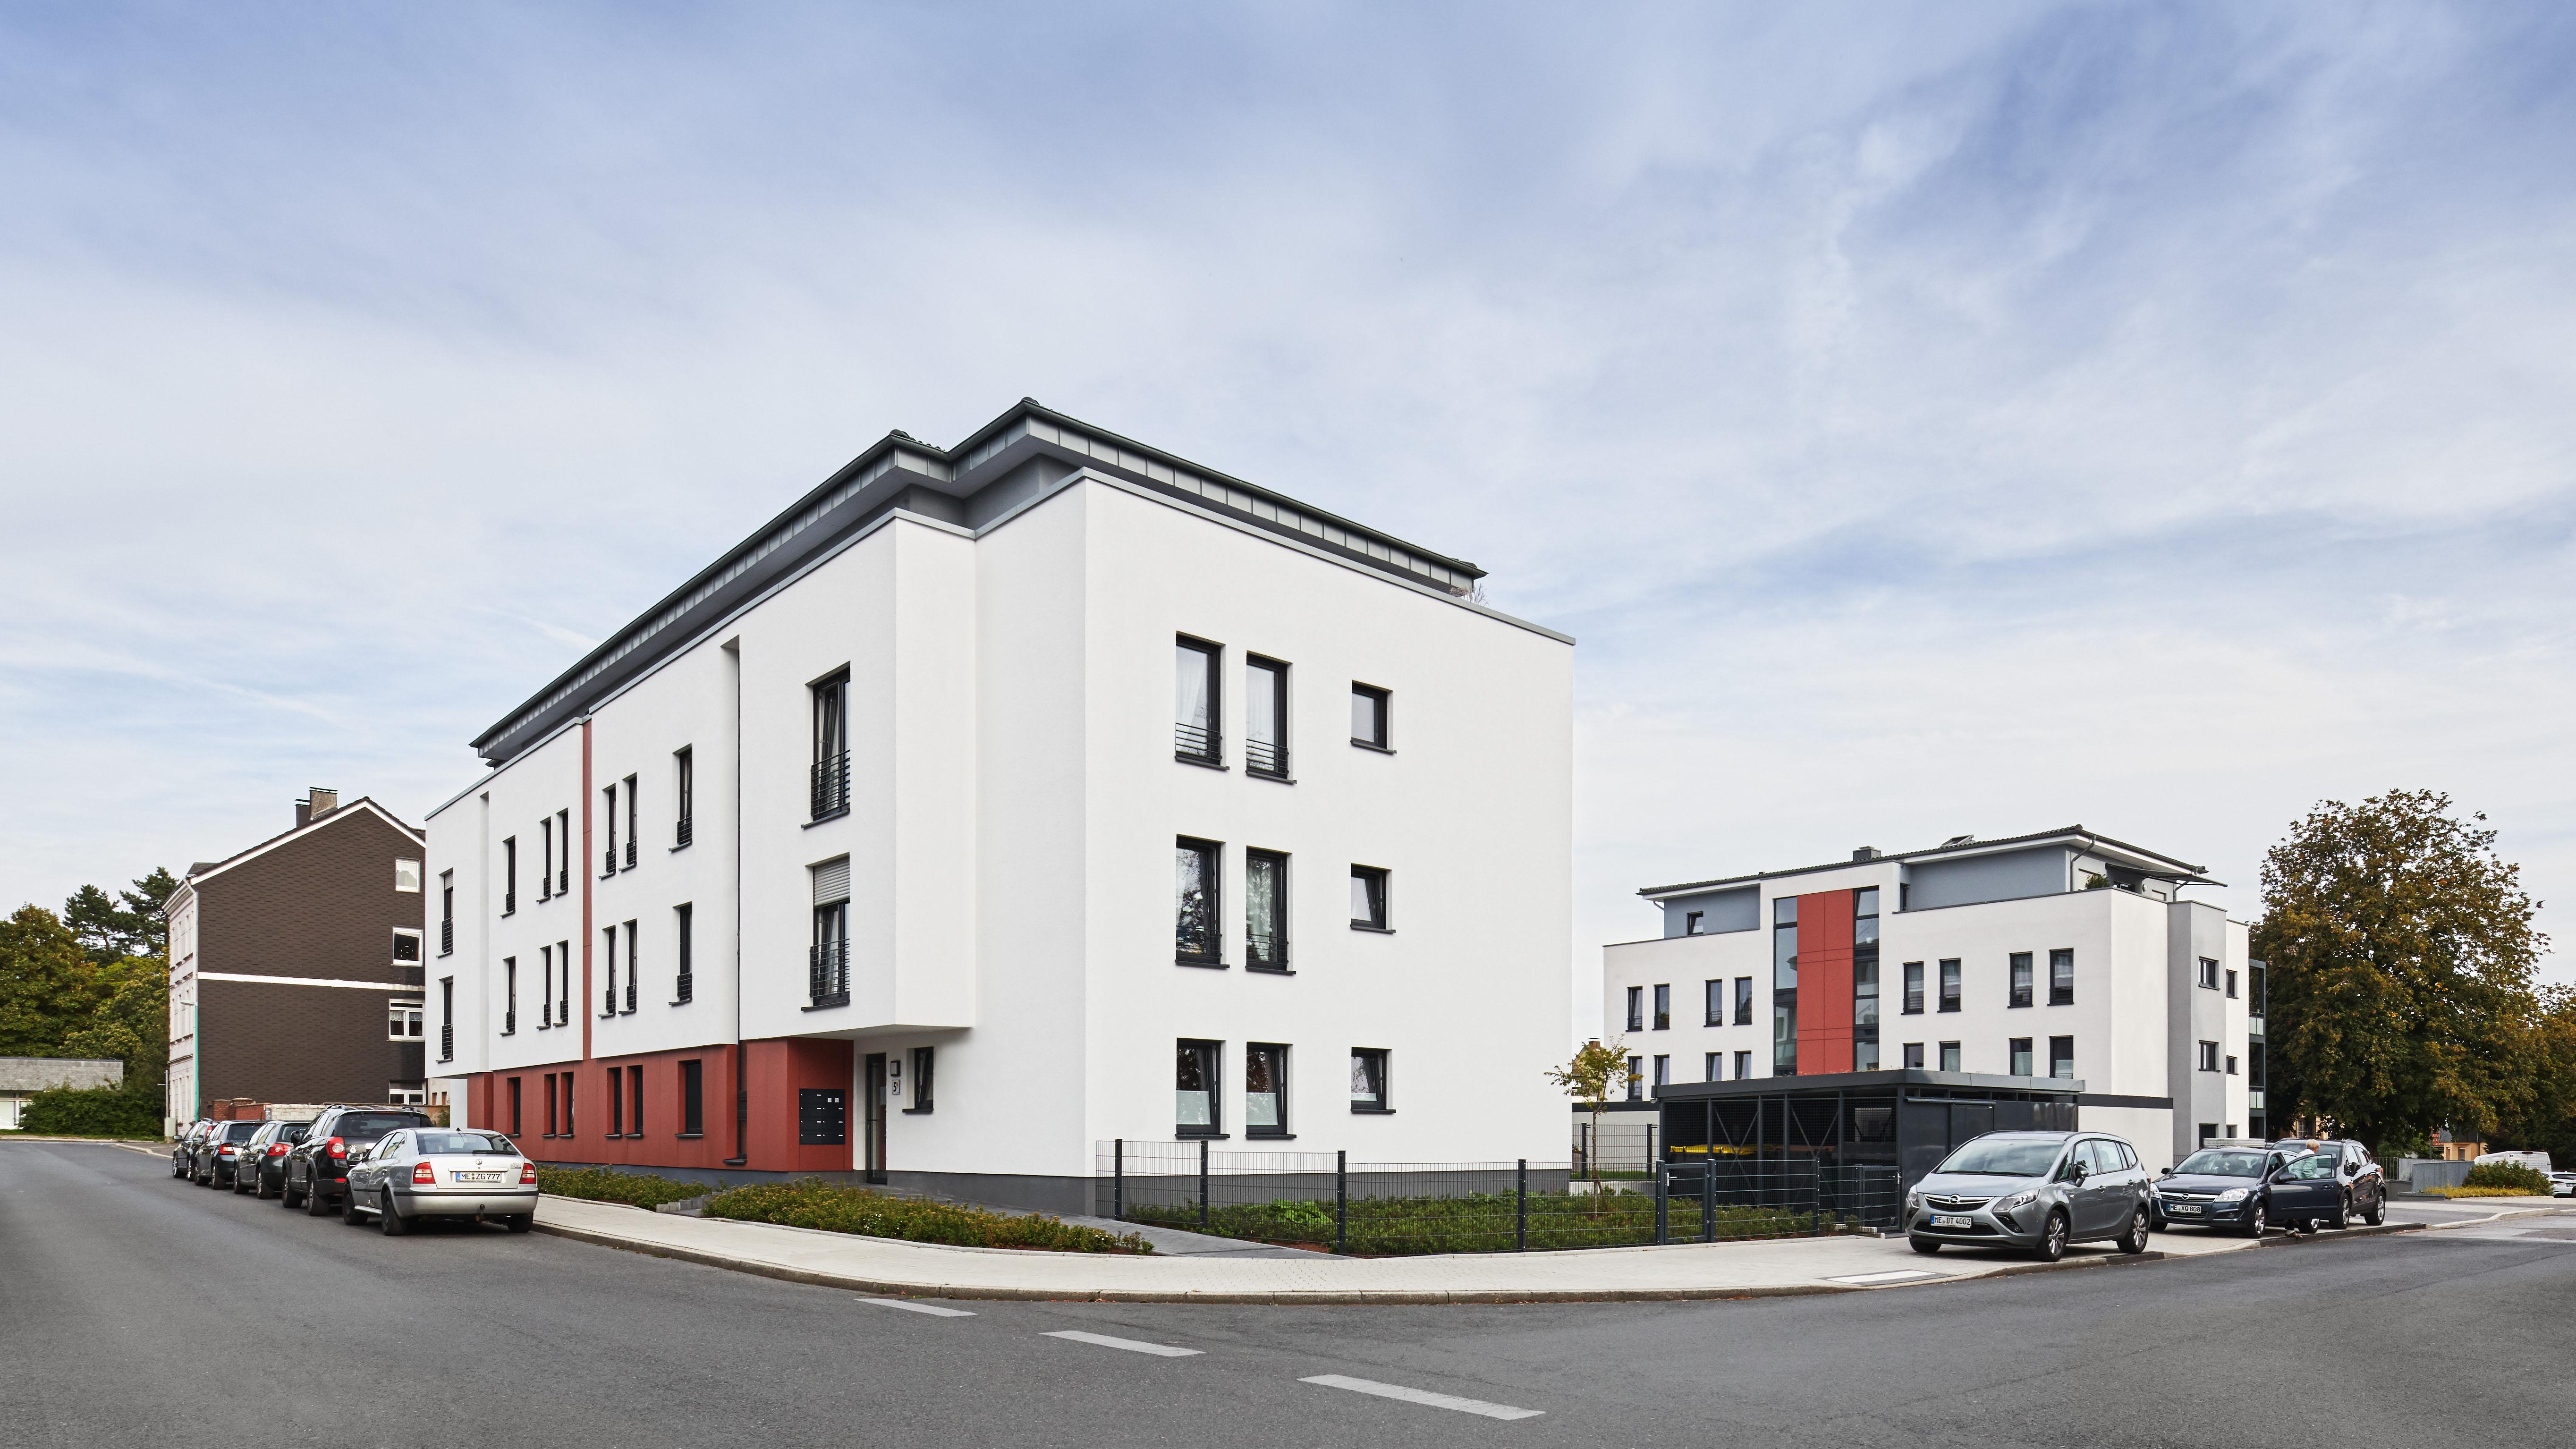 Spar- & Bauverein Velbert, Herzog Carré, Neubau eines Mehrfamilienhauses in Velbert, Architekturbüro Schönborn+ Hölscher